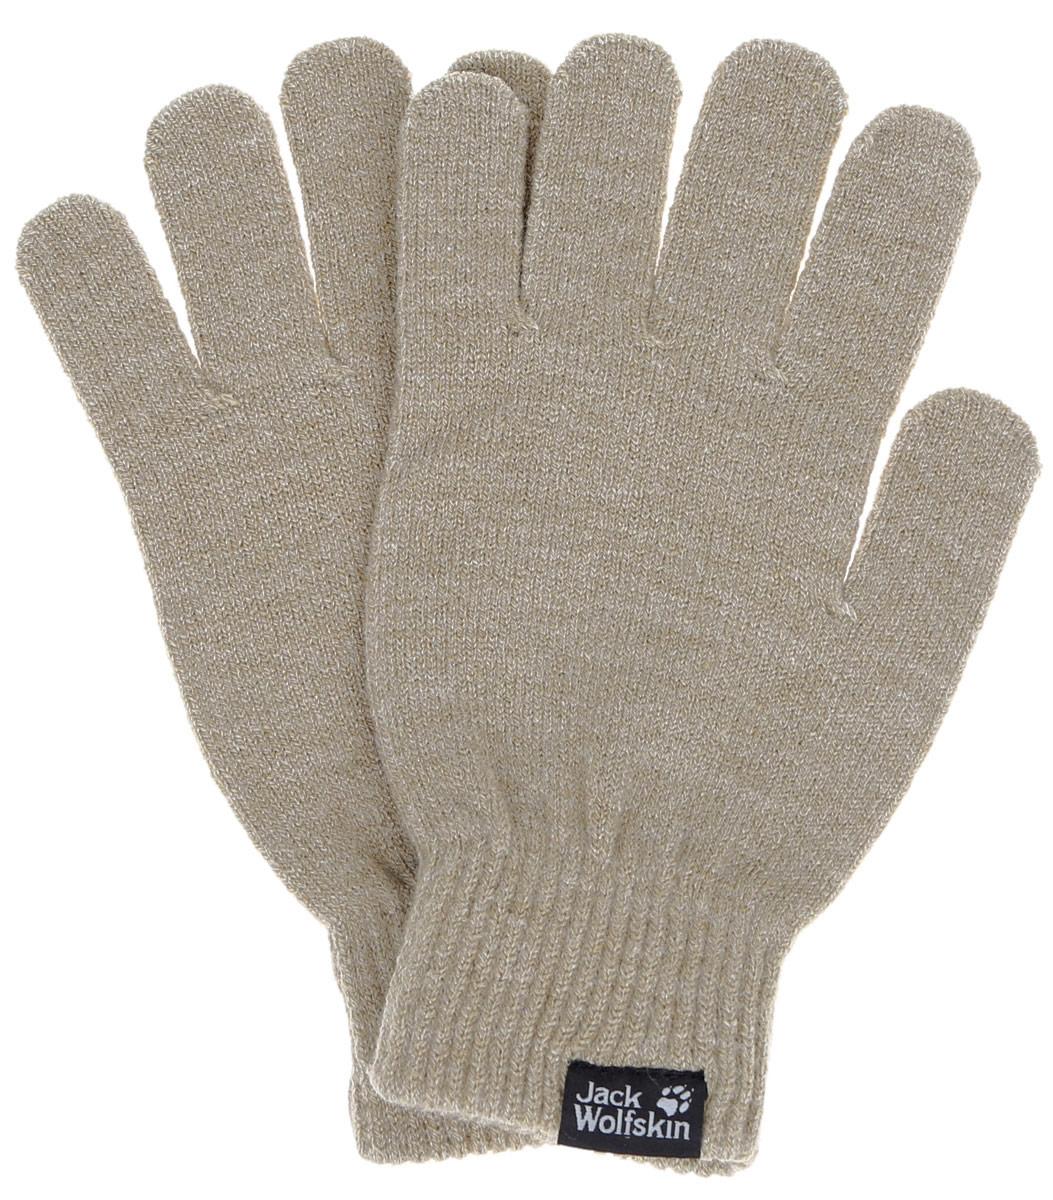 Перчатки женские Jack Wolfskin Rib Glove W, цвет: темно-бежевый. 1903741-5045. Размер 19,5/231903741-5045Легкие женские перчатки Jack Wolfskin тонкой вязки. Они привлекают очень малым весом. Для этого перчатки выполнены из материала тонкой вязки, который обеспечивает хорошее сохранение тепла и приятно носится. Перчатки защищают от холода в повседневной жизни и коротких зимних прогулках. Уютные шерстяные перчатки оформлены в одной цветовой гамме и дополнены логотипом бренда. Верх модели на мягкой резинке, которая не стягивает запястья и надежно фиксирует перчатки на руках.Современный дизайн и расцветка делают эти перчатки модным и стильным предметом вашего гардероба. В них вы будет чувствовать себя уютно и комфортно.